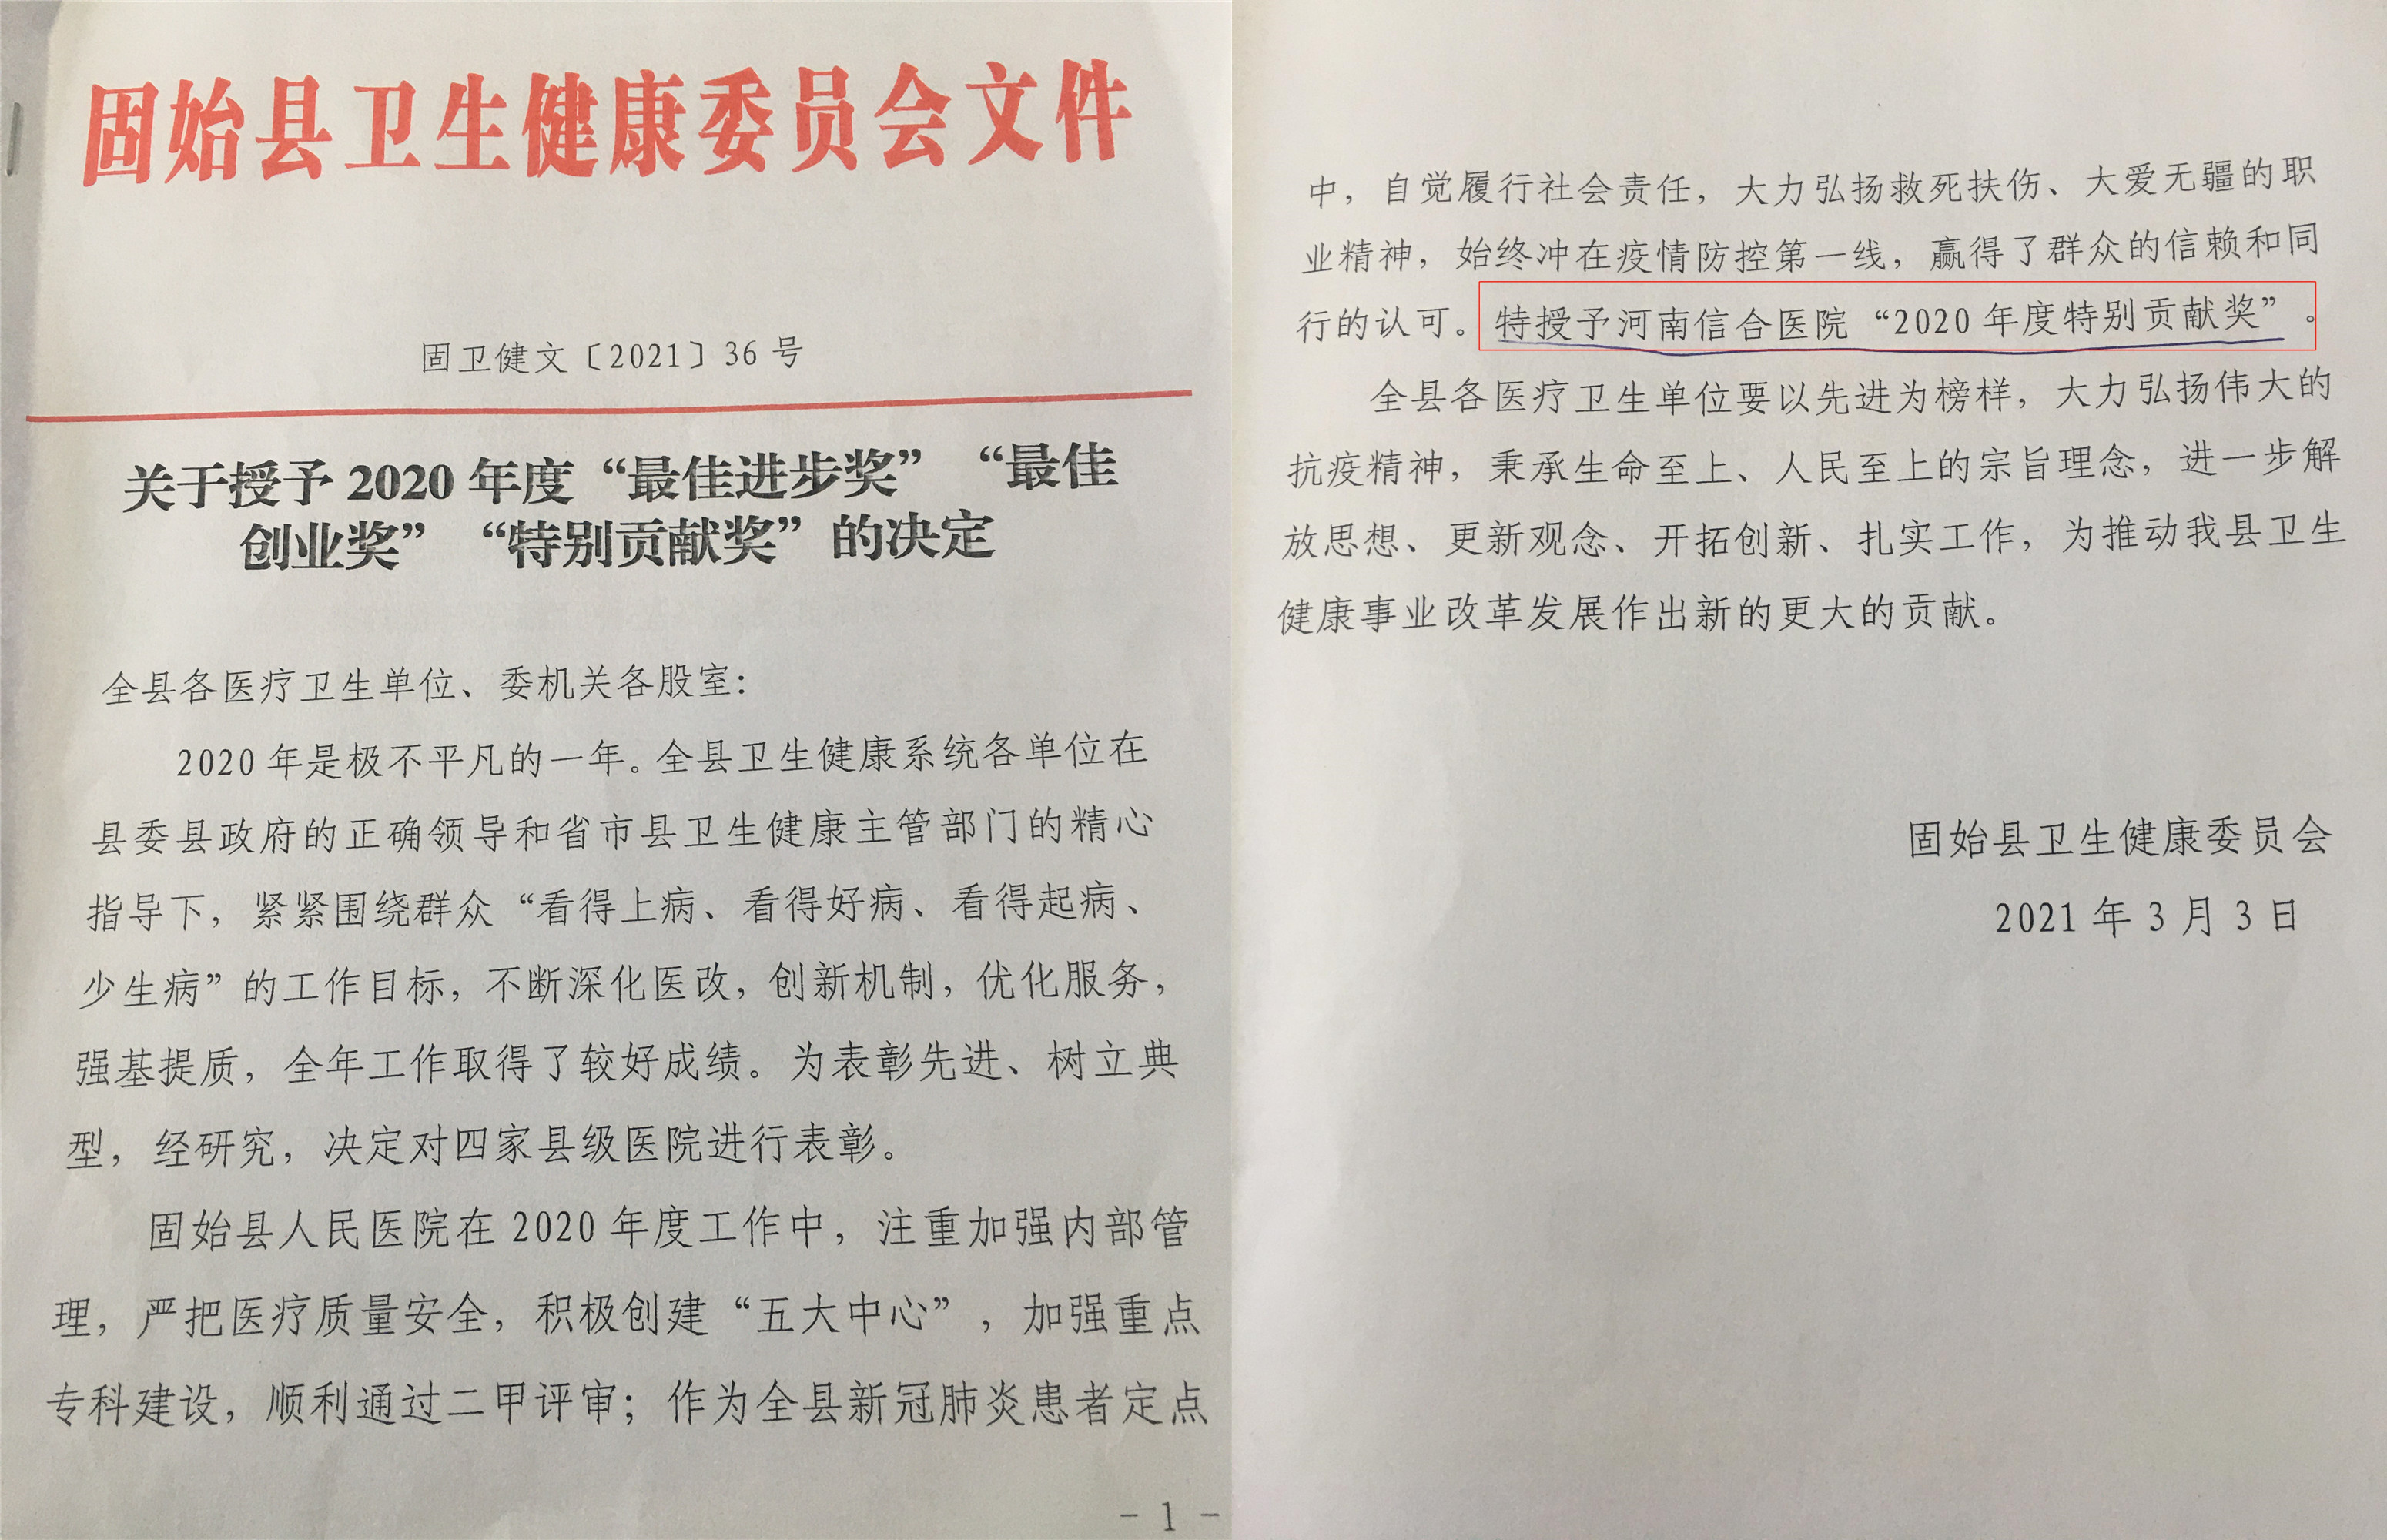 河南信合医院荣获固始县 2020 年度「特别贡献奖」称号